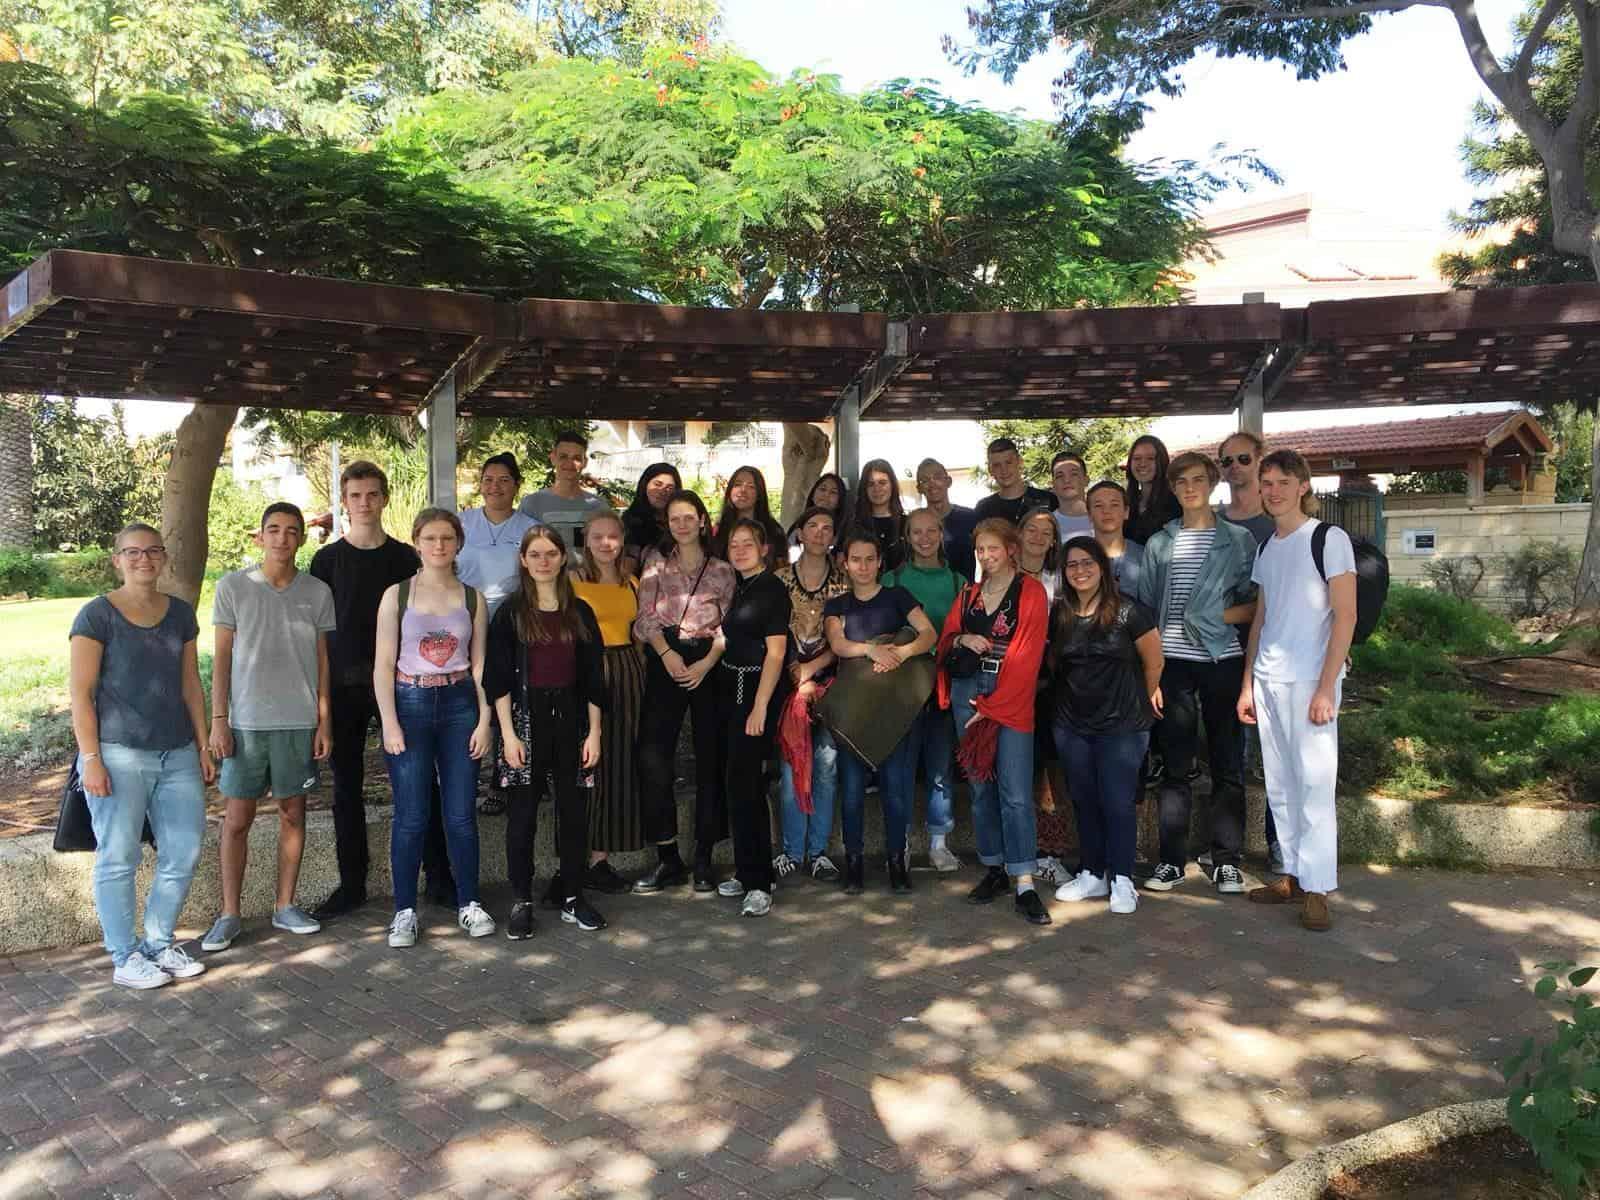 משלחת נוער ממיטה ברלין עם תלמידי גימנסיה נבון, צילום-עיריית חולון